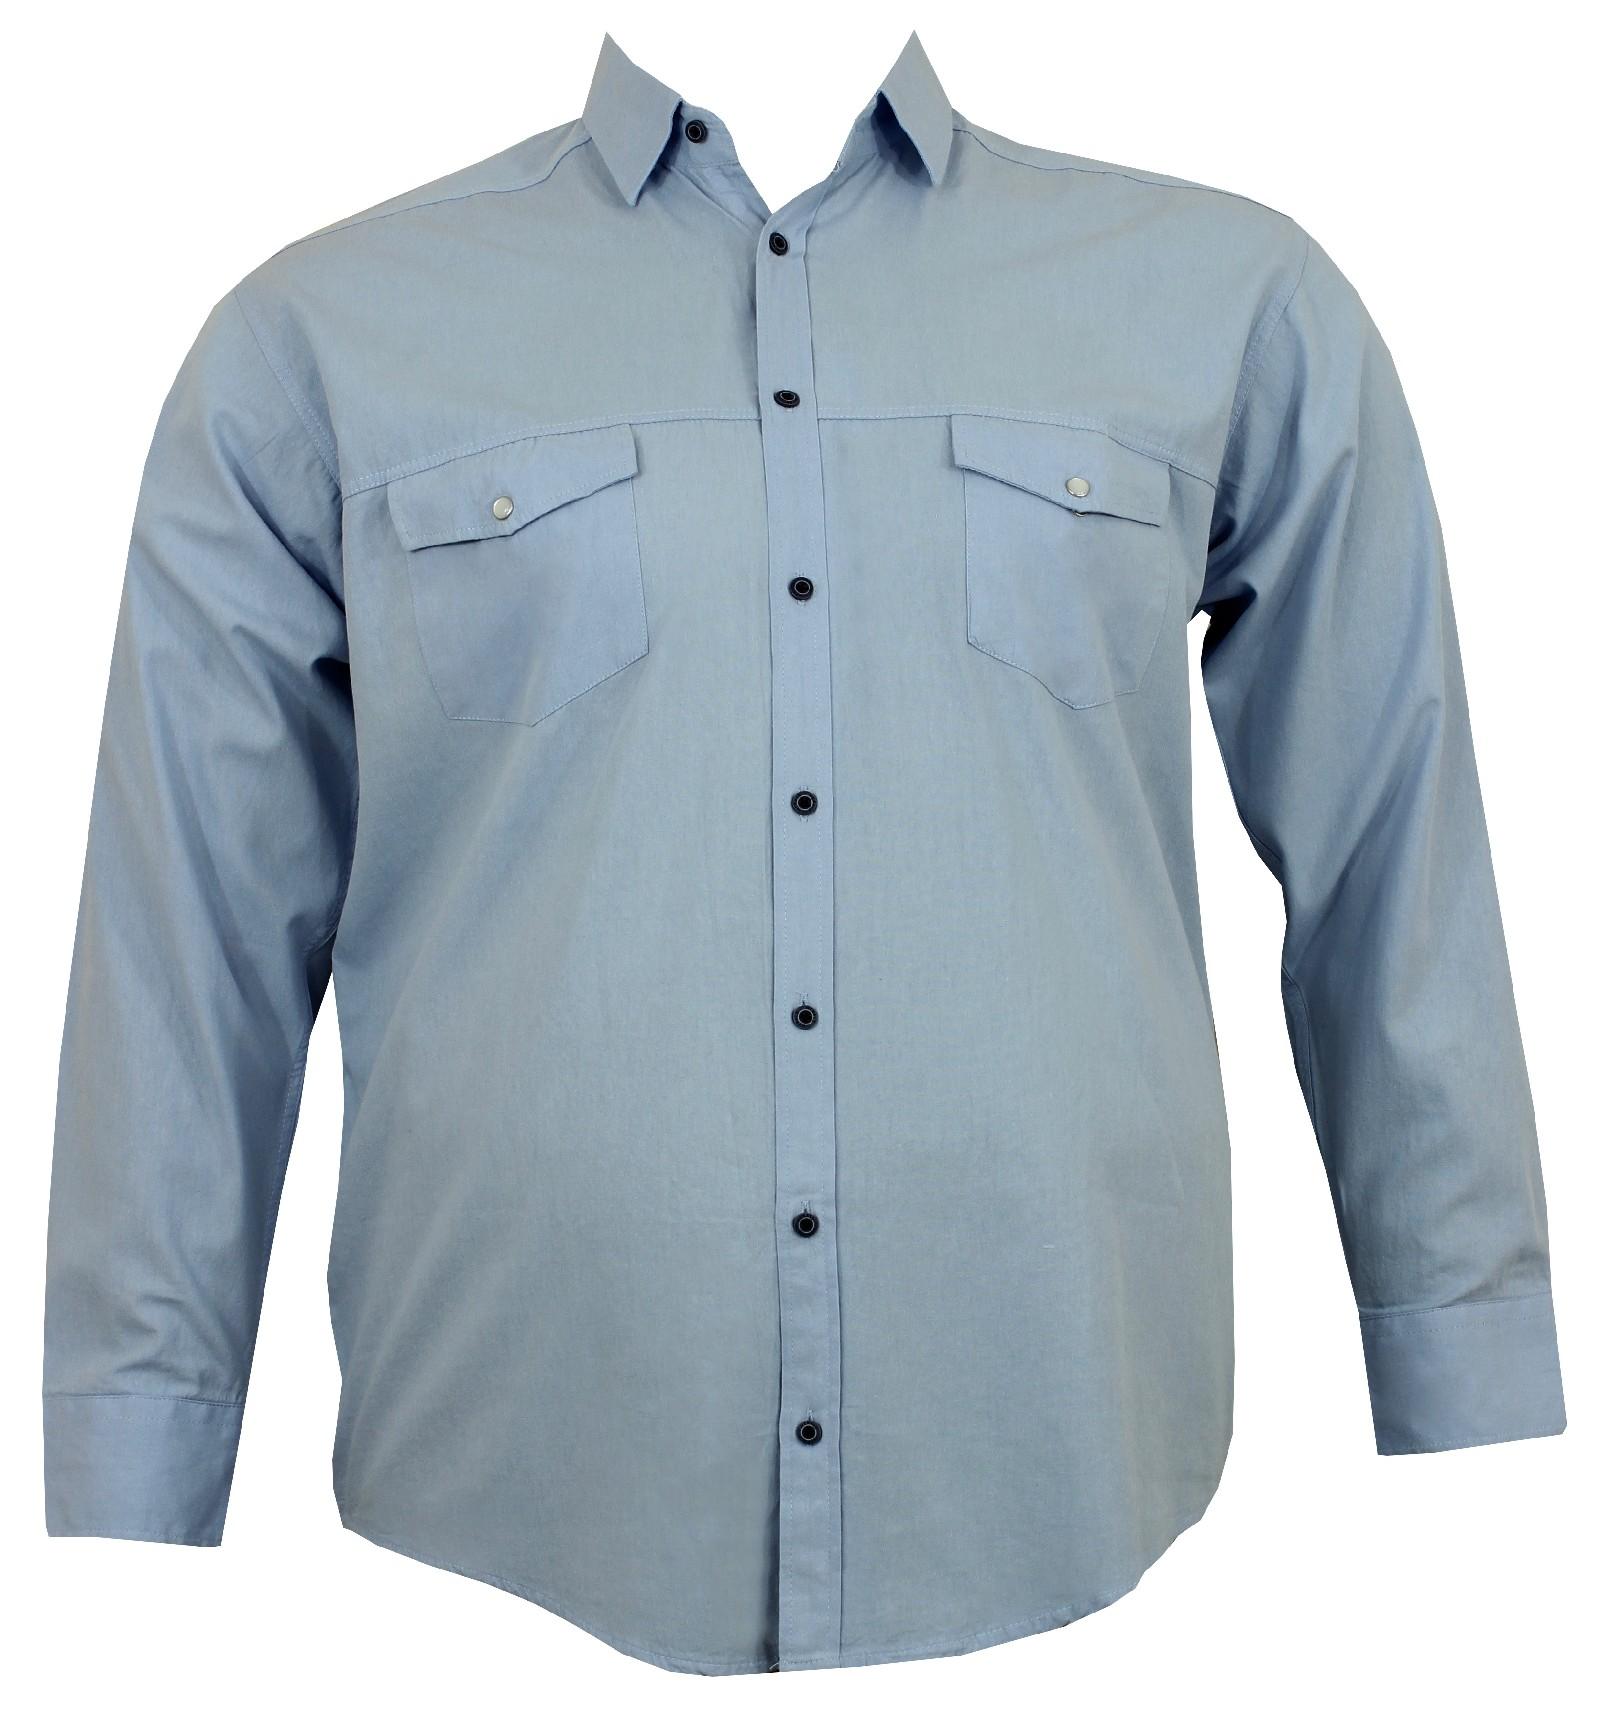 HERALD koszula 3XL 4XL 5XL 6XL 7XL 8XL